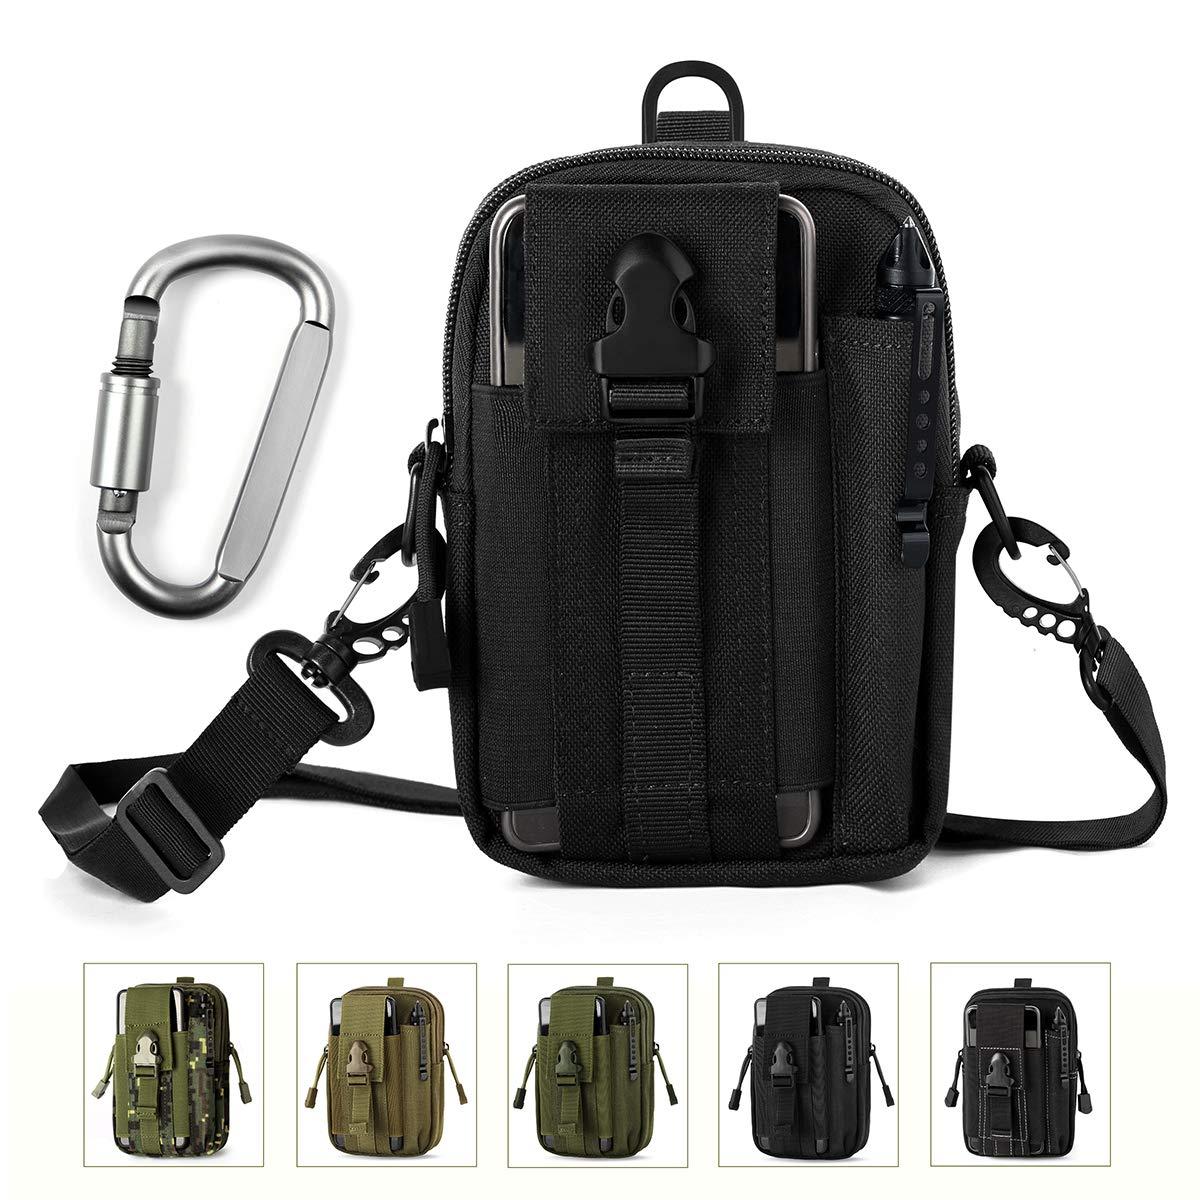 76a2c048f23 Unigear Bolsa Cintura 1000D Riñoneras Hombre Bolso Cinturón + Mosquetón  Táctico